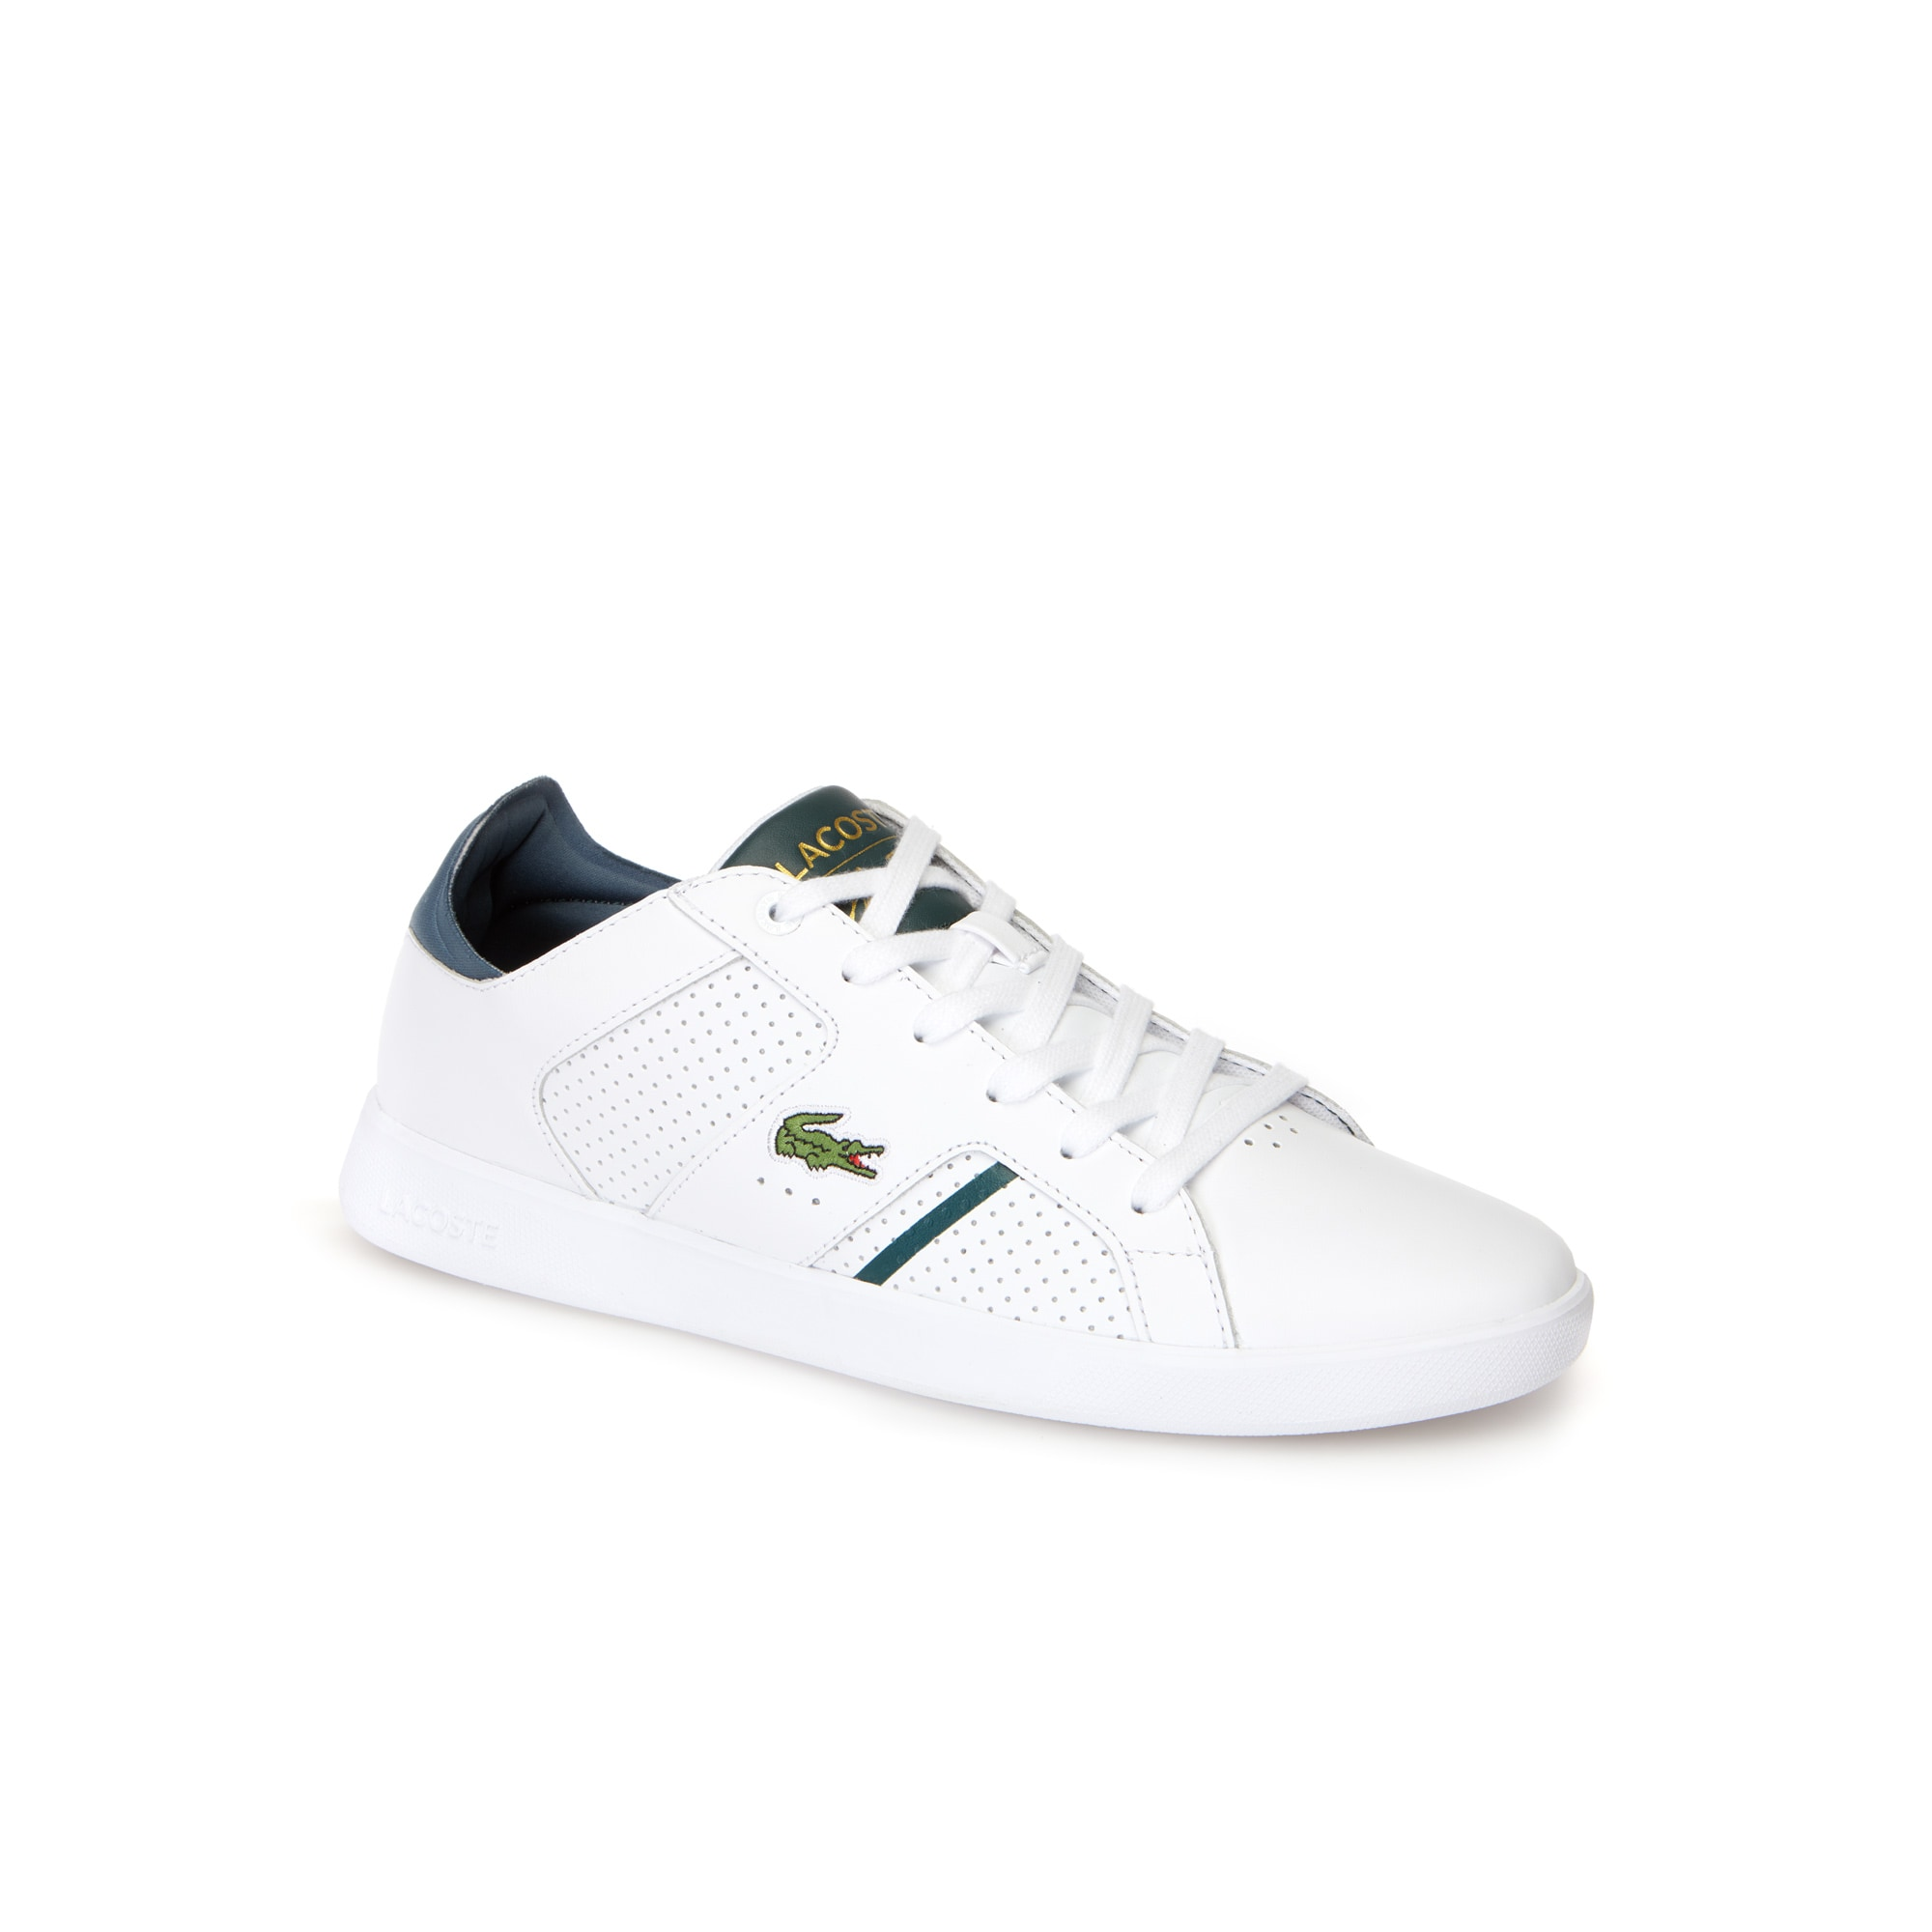 ab7e4a2dccb8 Lacoste Men S Novas Ct Leather Trainers In White Dark Green